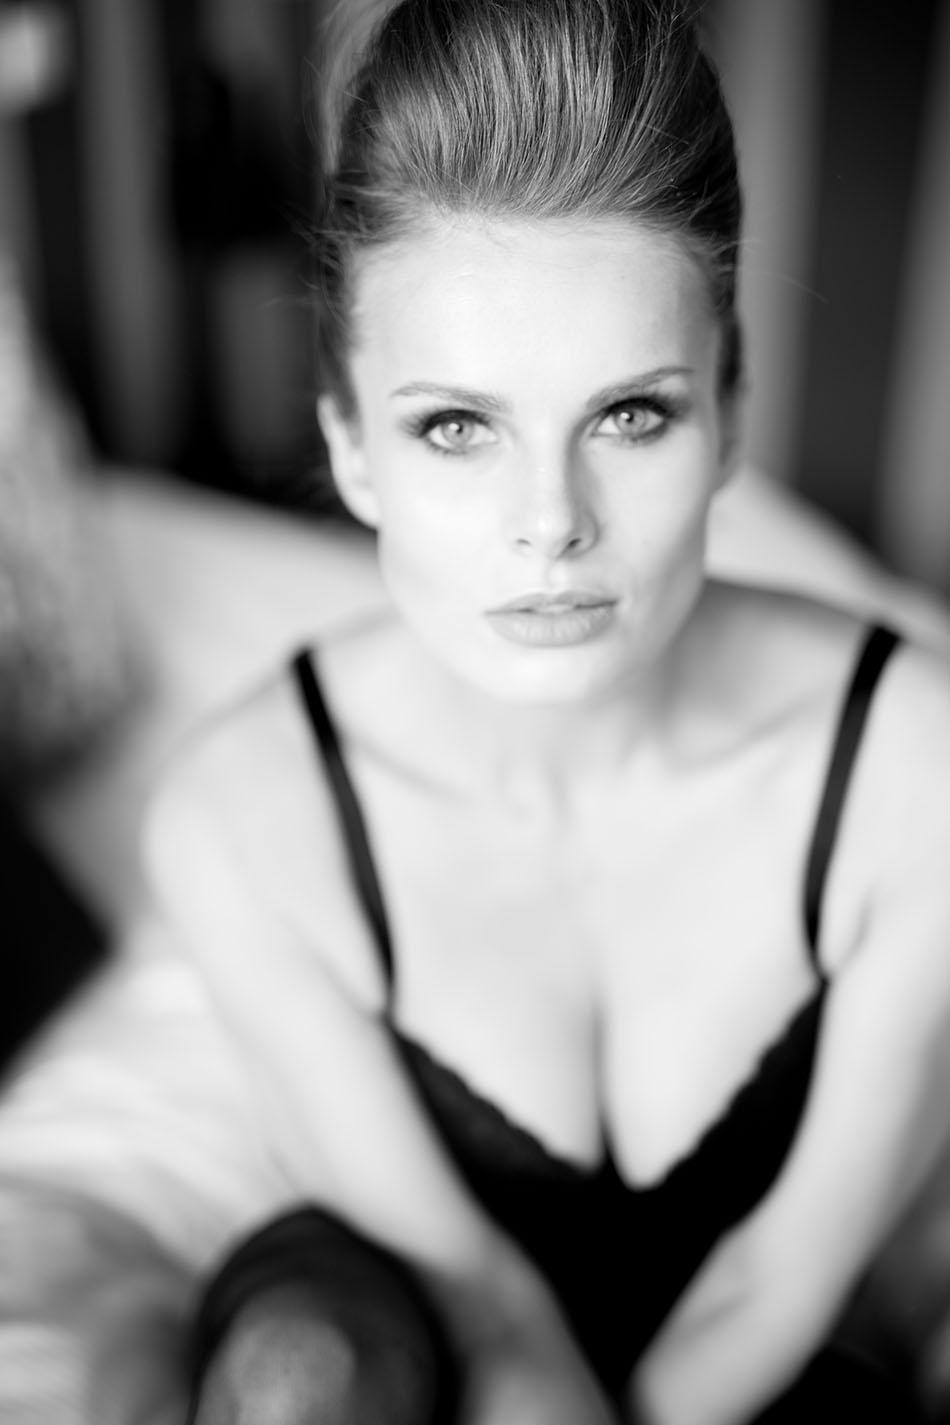 Plnty_5_lingerie_foto_Kristian_Joraandstad_2016